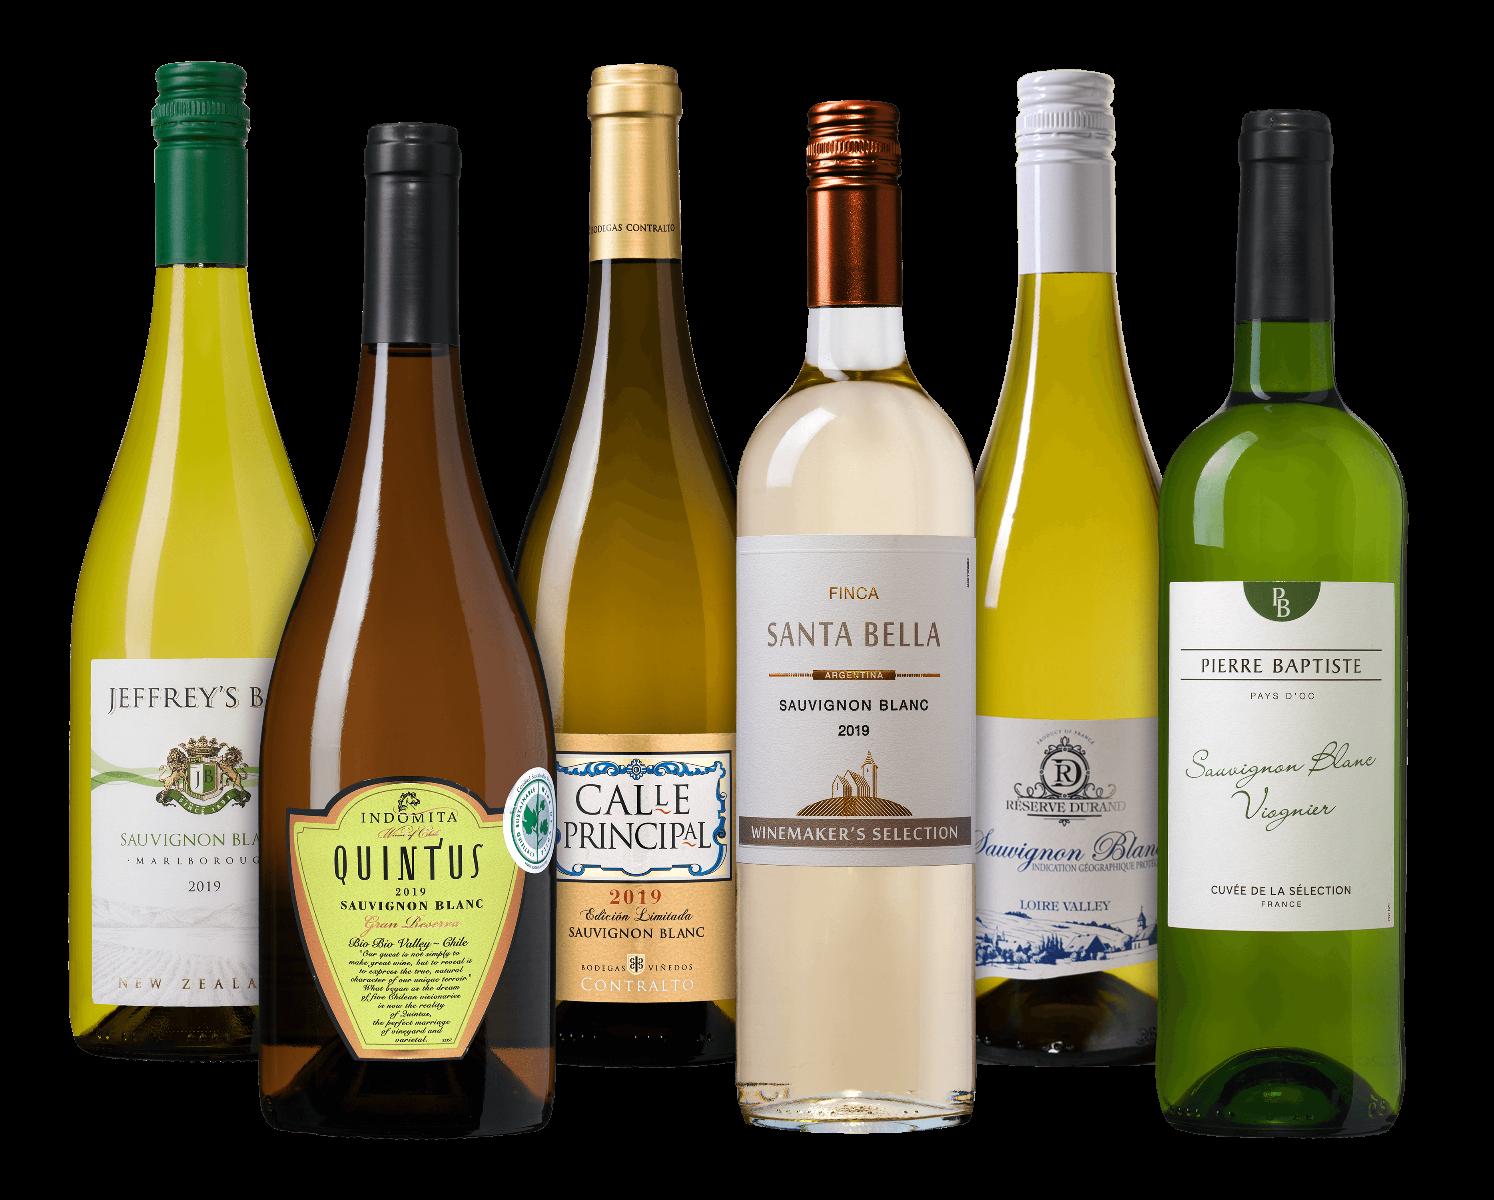 Wijnpakket Sauvignon Blanc wijnvoordeel.nl